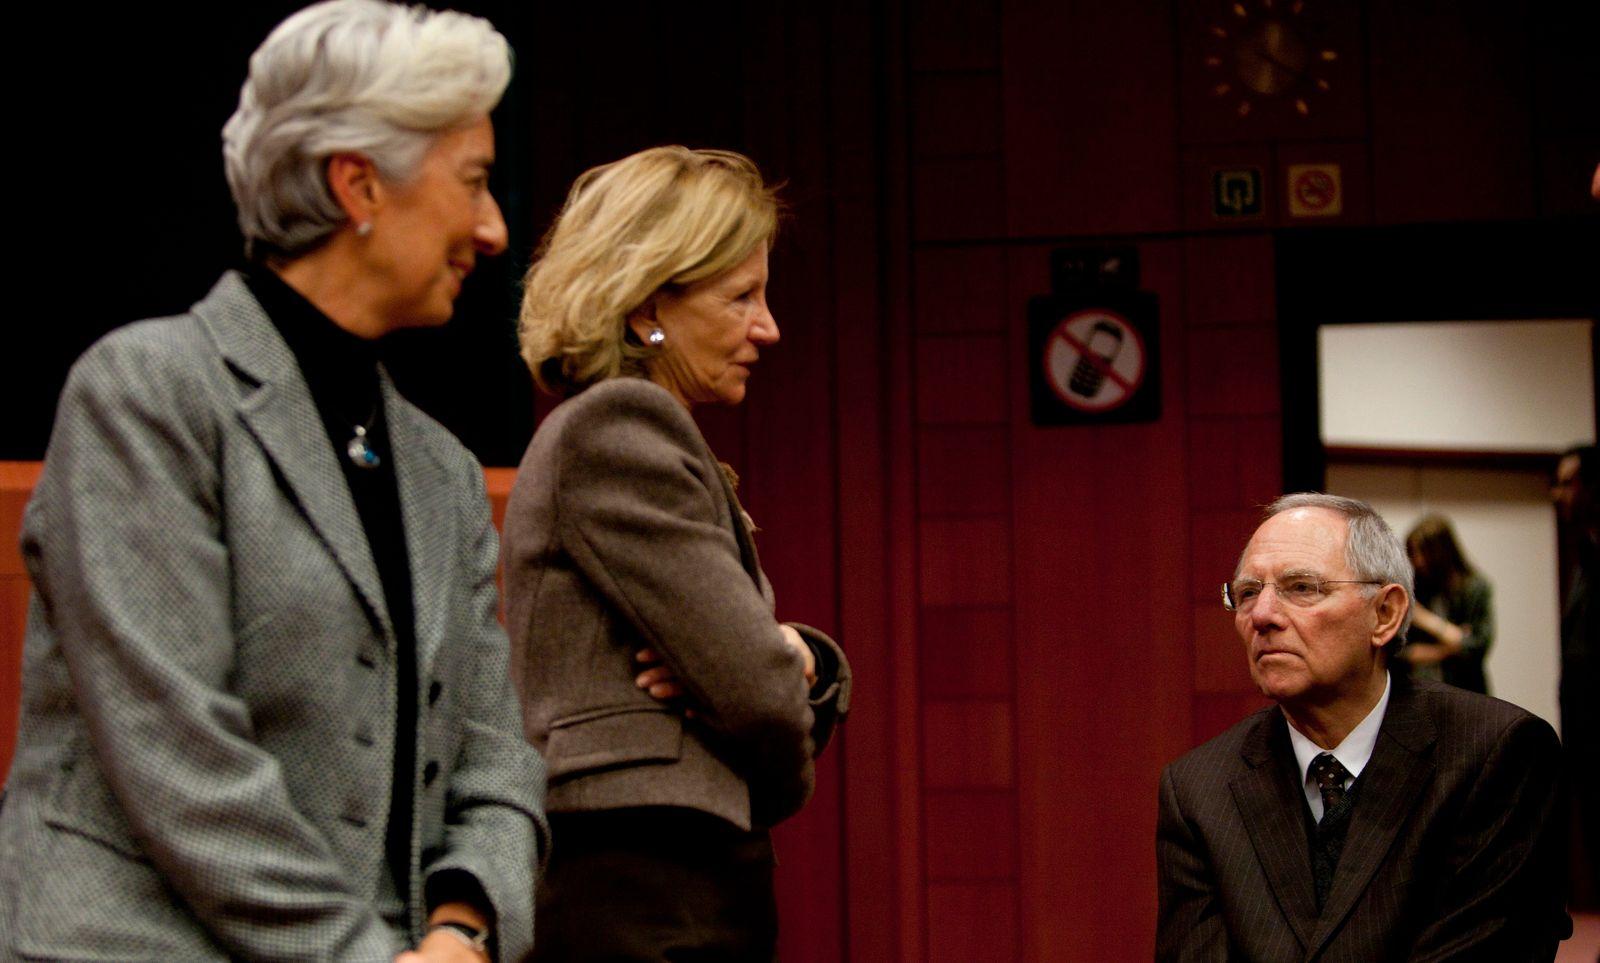 Finance Ministers meeting / Treffen der Finanzminister in Brüssel 2011